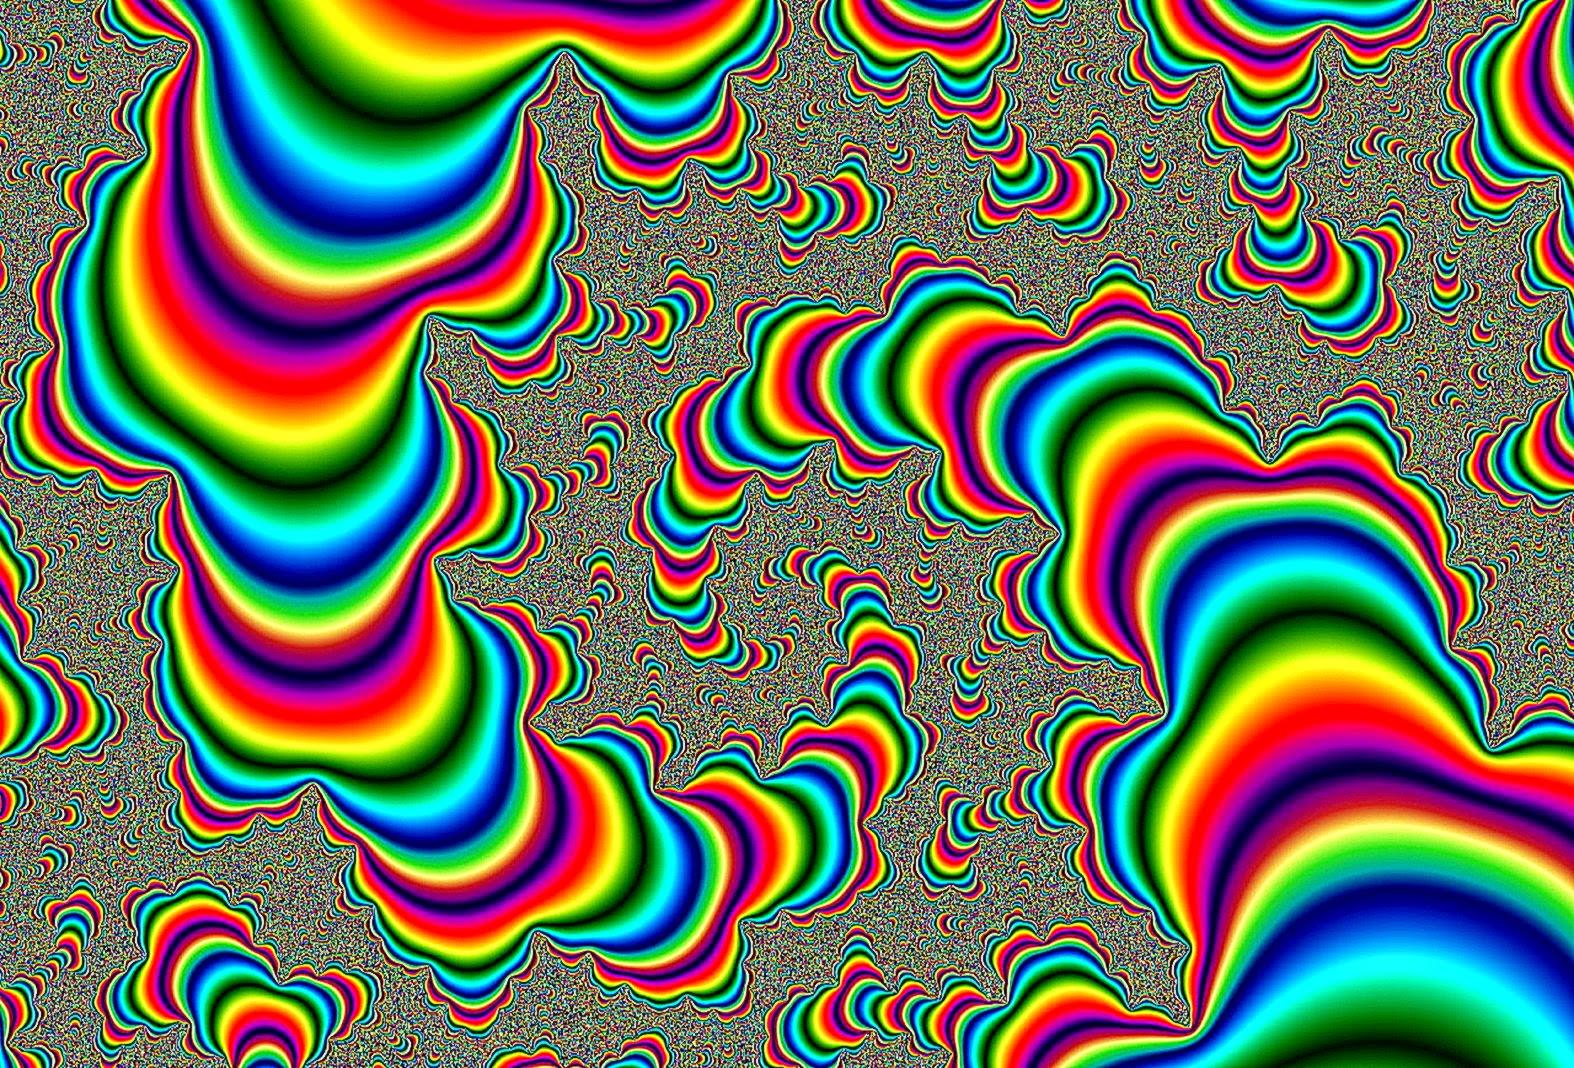 Moving Wallpaper for iPhone - WallpaperSafari